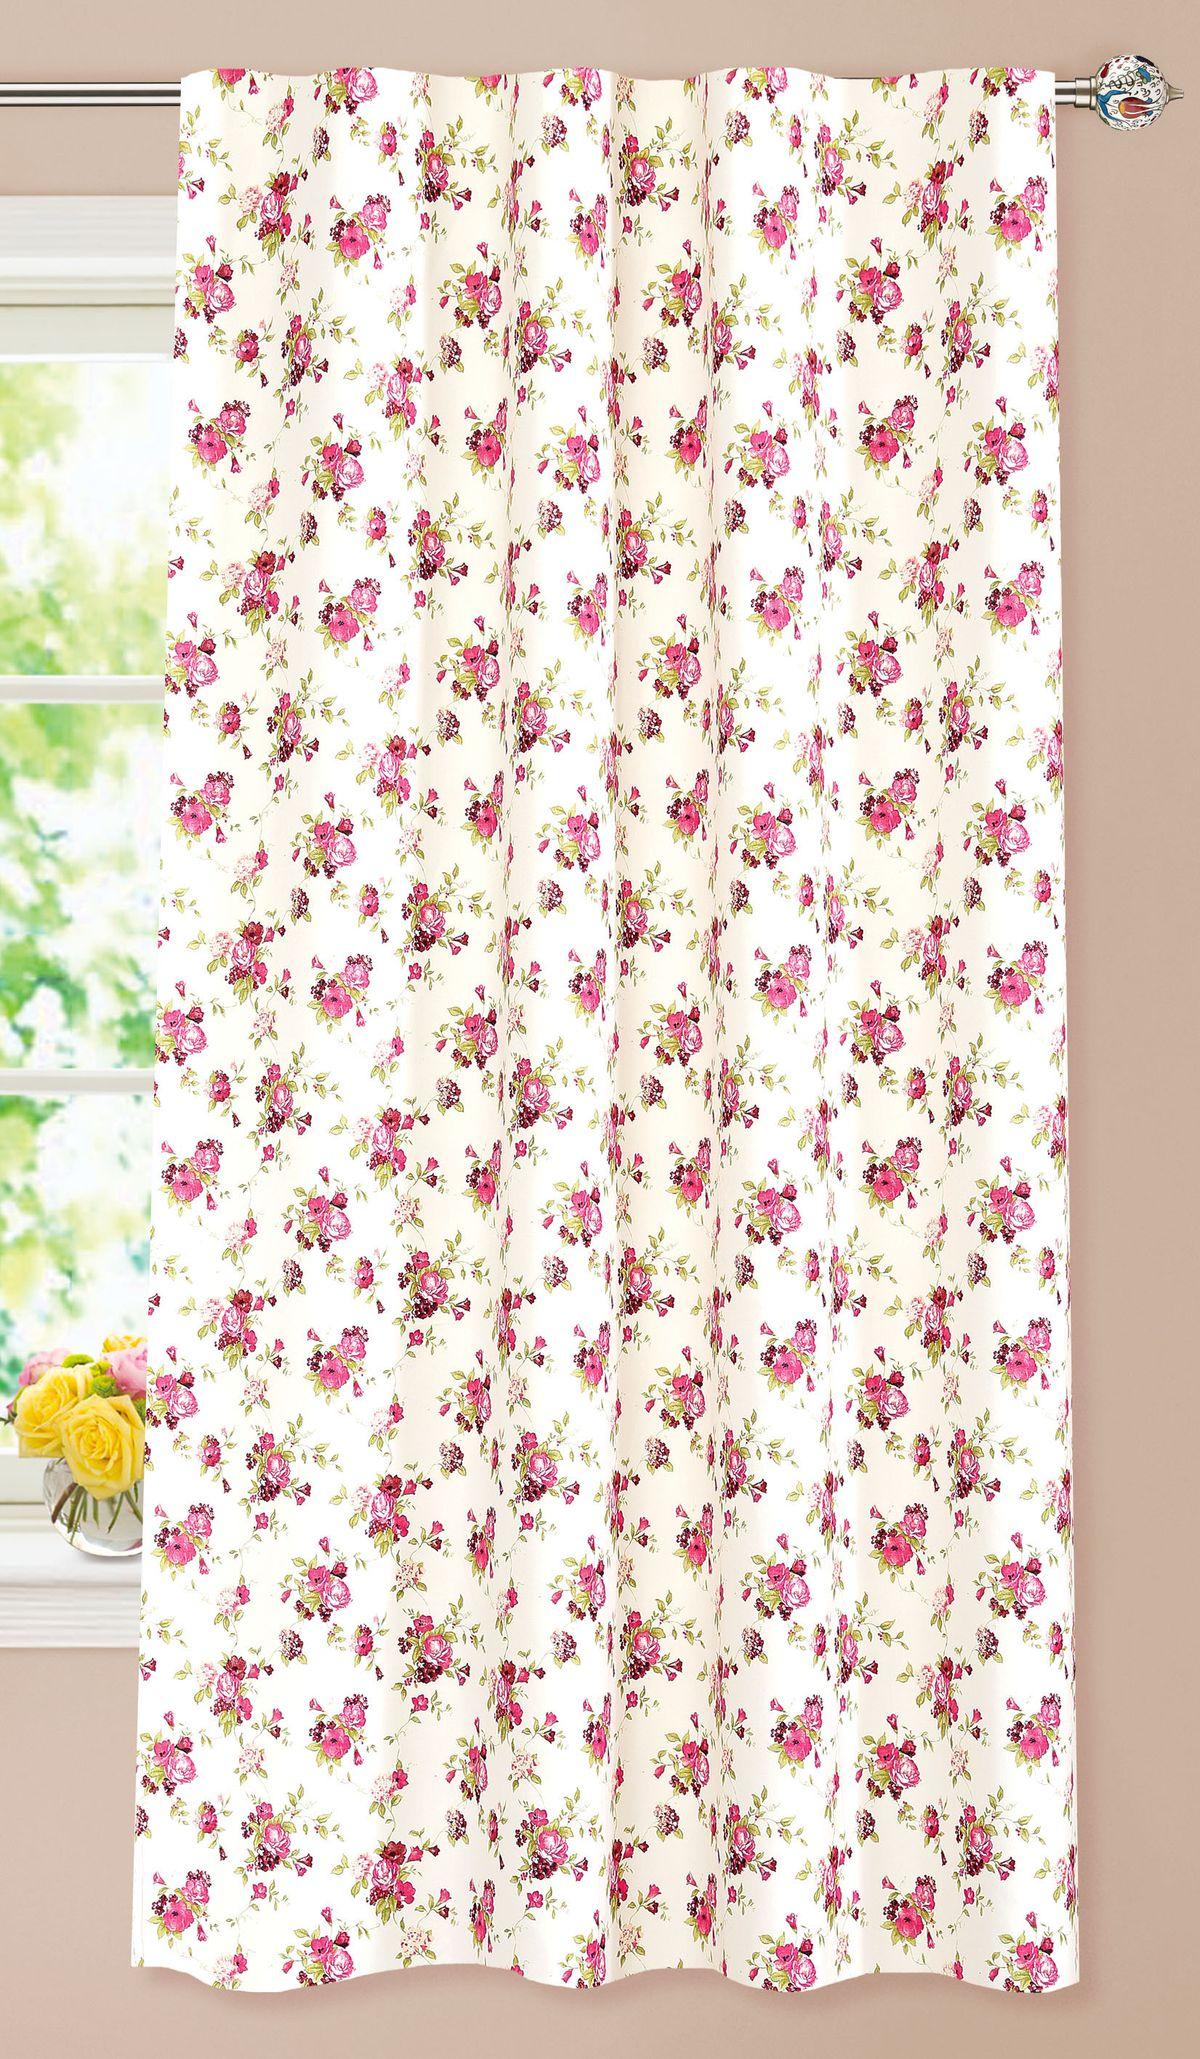 Штора готовая Garden, на ленте, цвет: розовый, 140х180 см. С 9162 - W1687 V20705504Штора для кухни Garden выполнена из плотной ткани с рисунком. Приятная текстура материала и яркая цветовая гамма привлекут к себе внимание и станут великолепным украшением кухонного окна. Штора оснащена шторной лентой для красивой сборки.